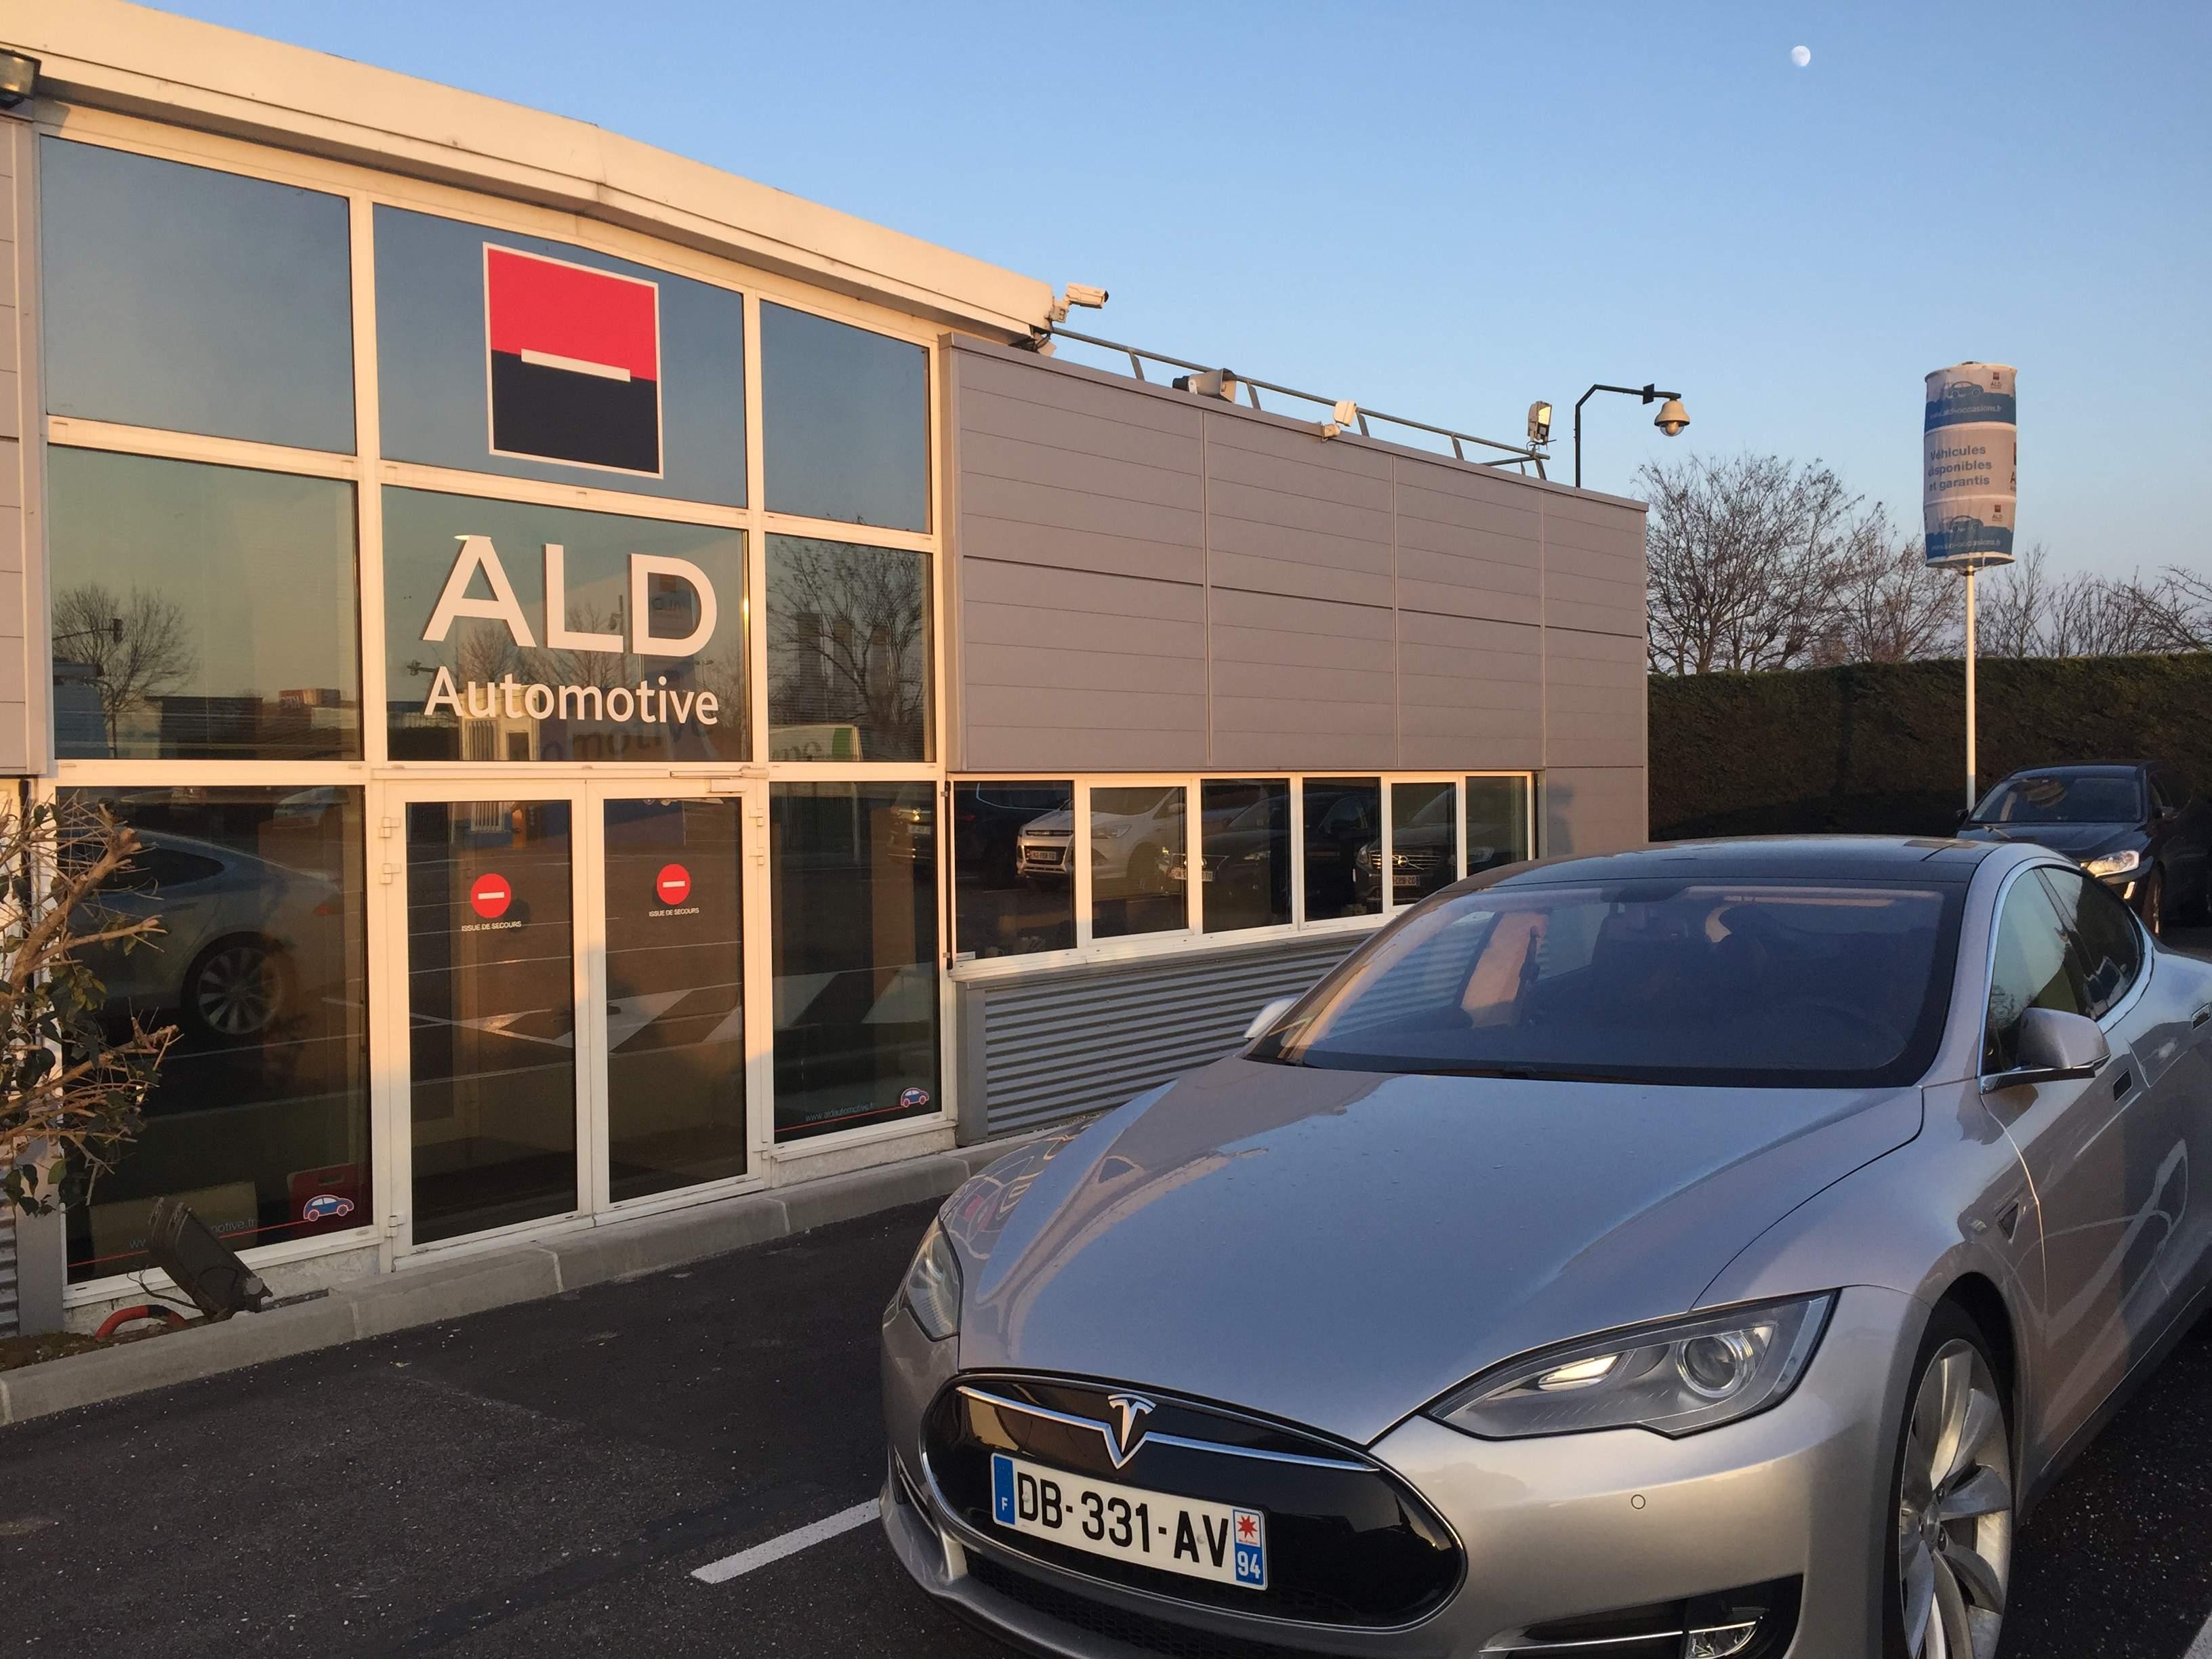 ALD Automotive launches digital remarketing platform